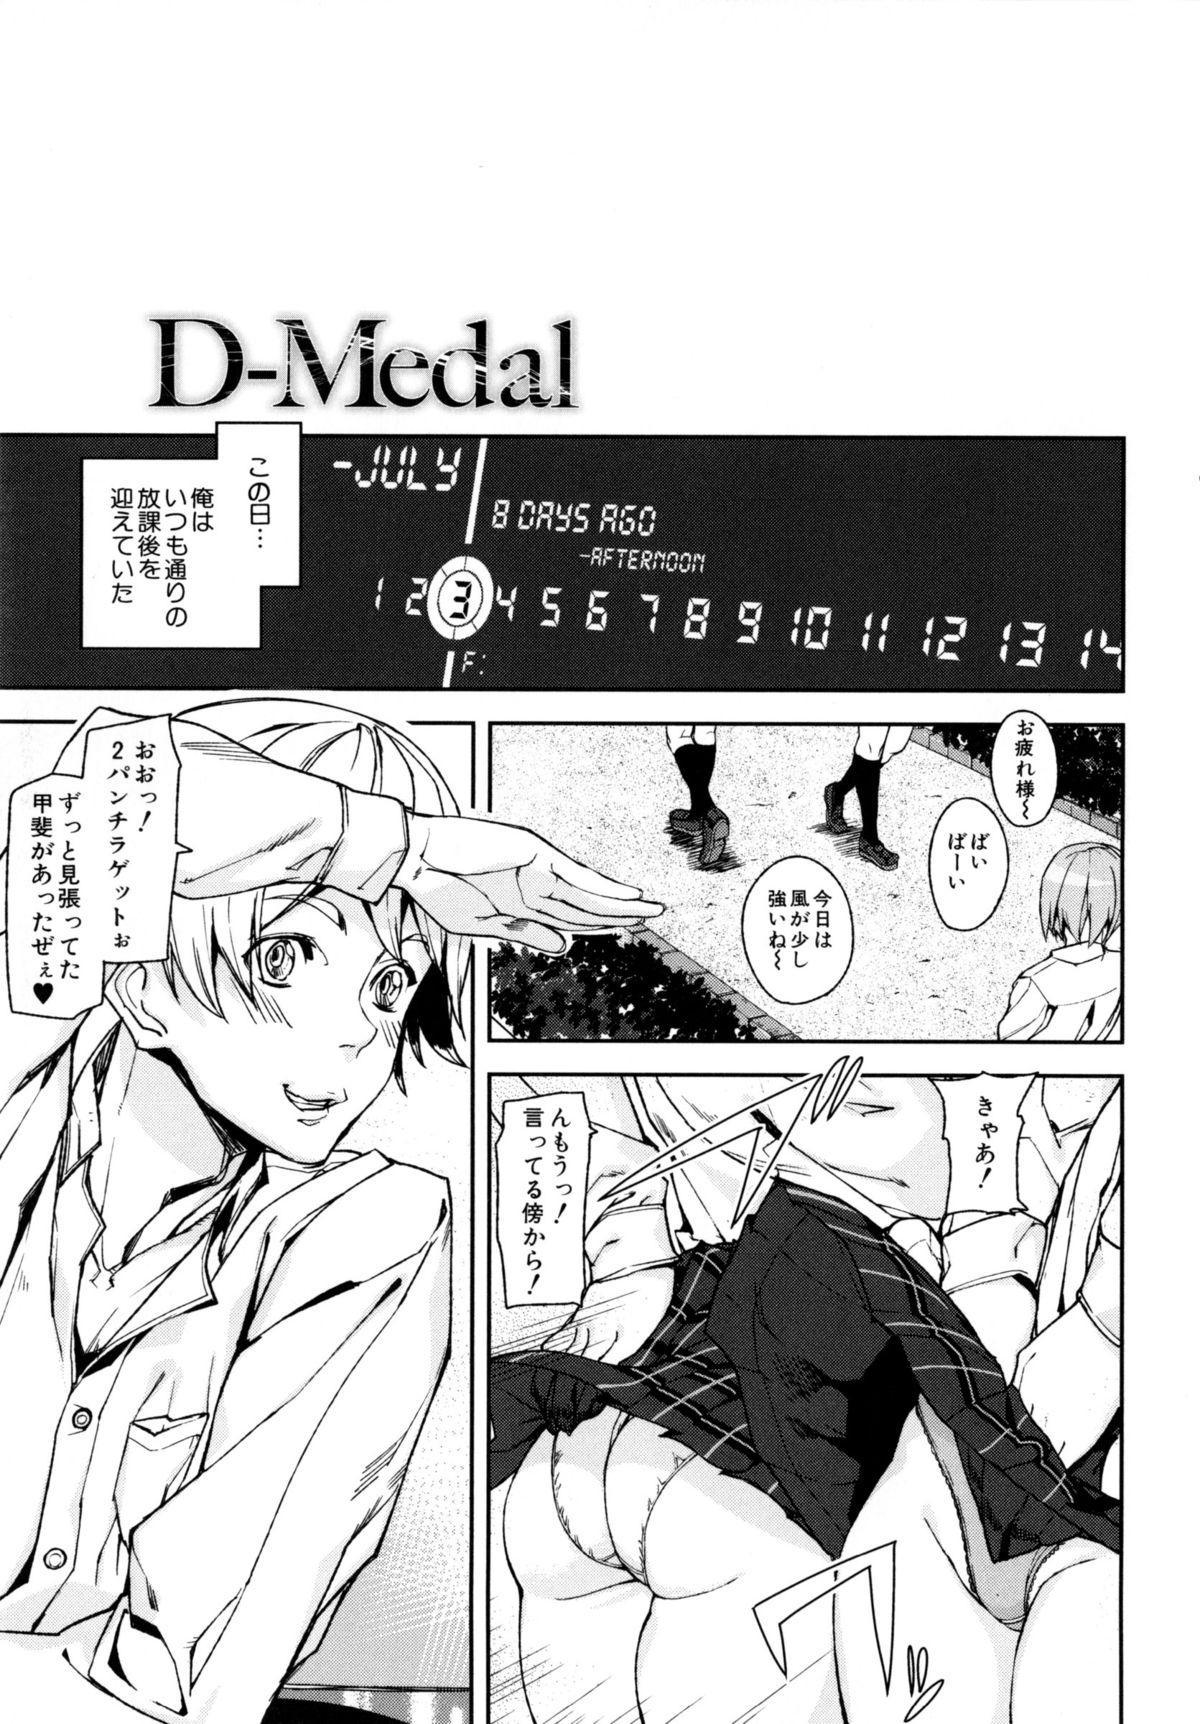 D-Medal 7